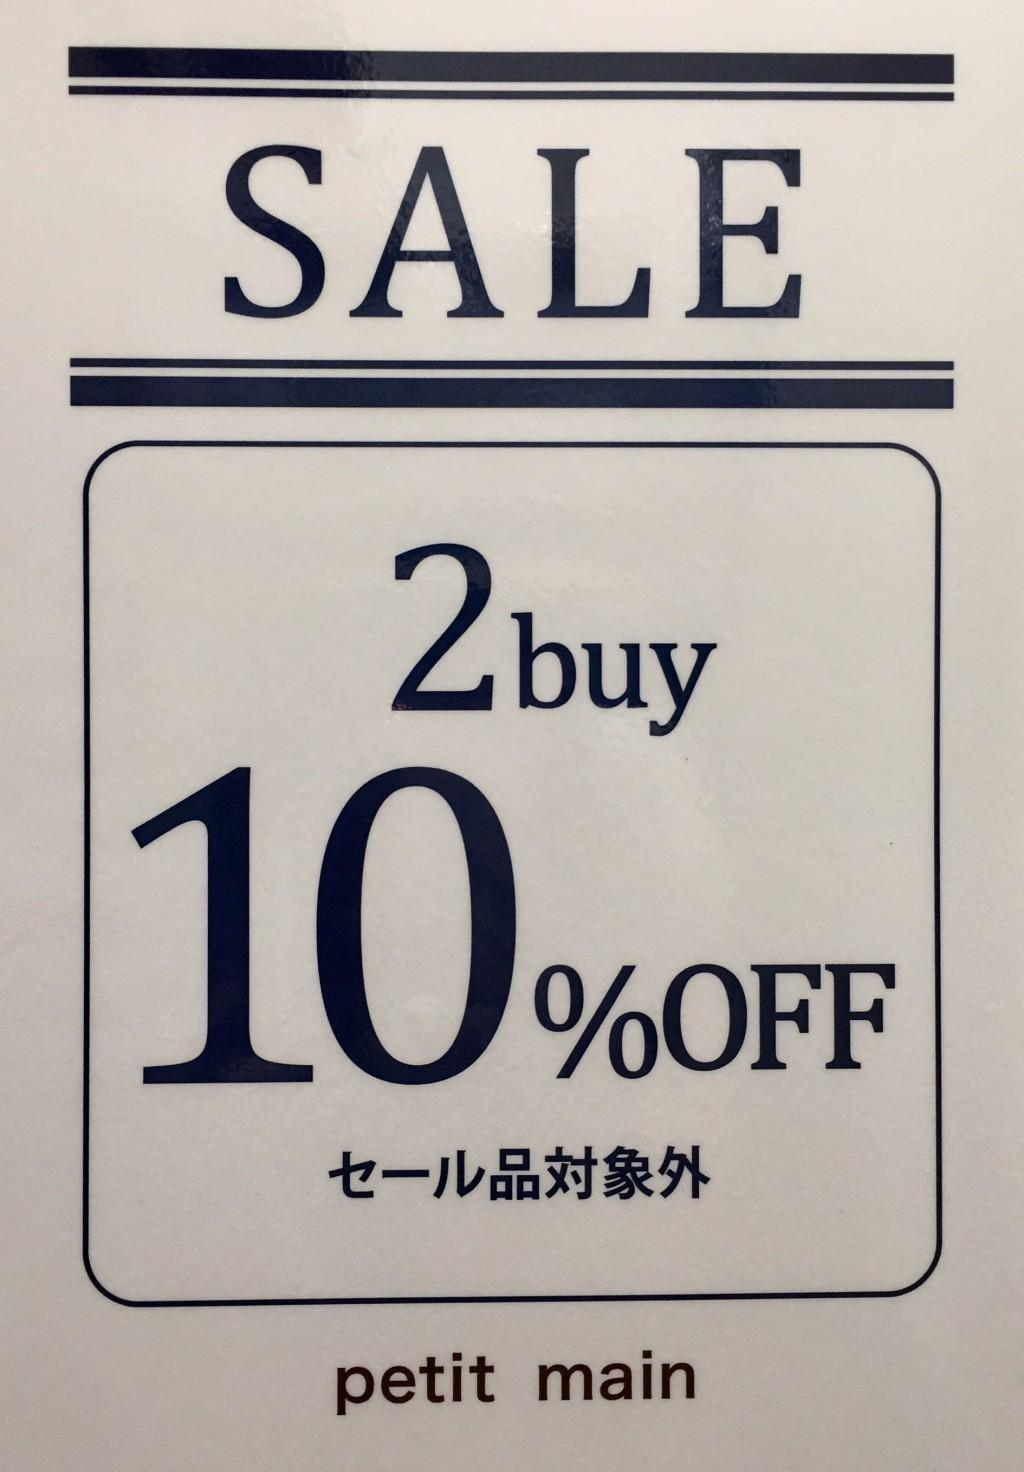 ゆめタウン廿日市店